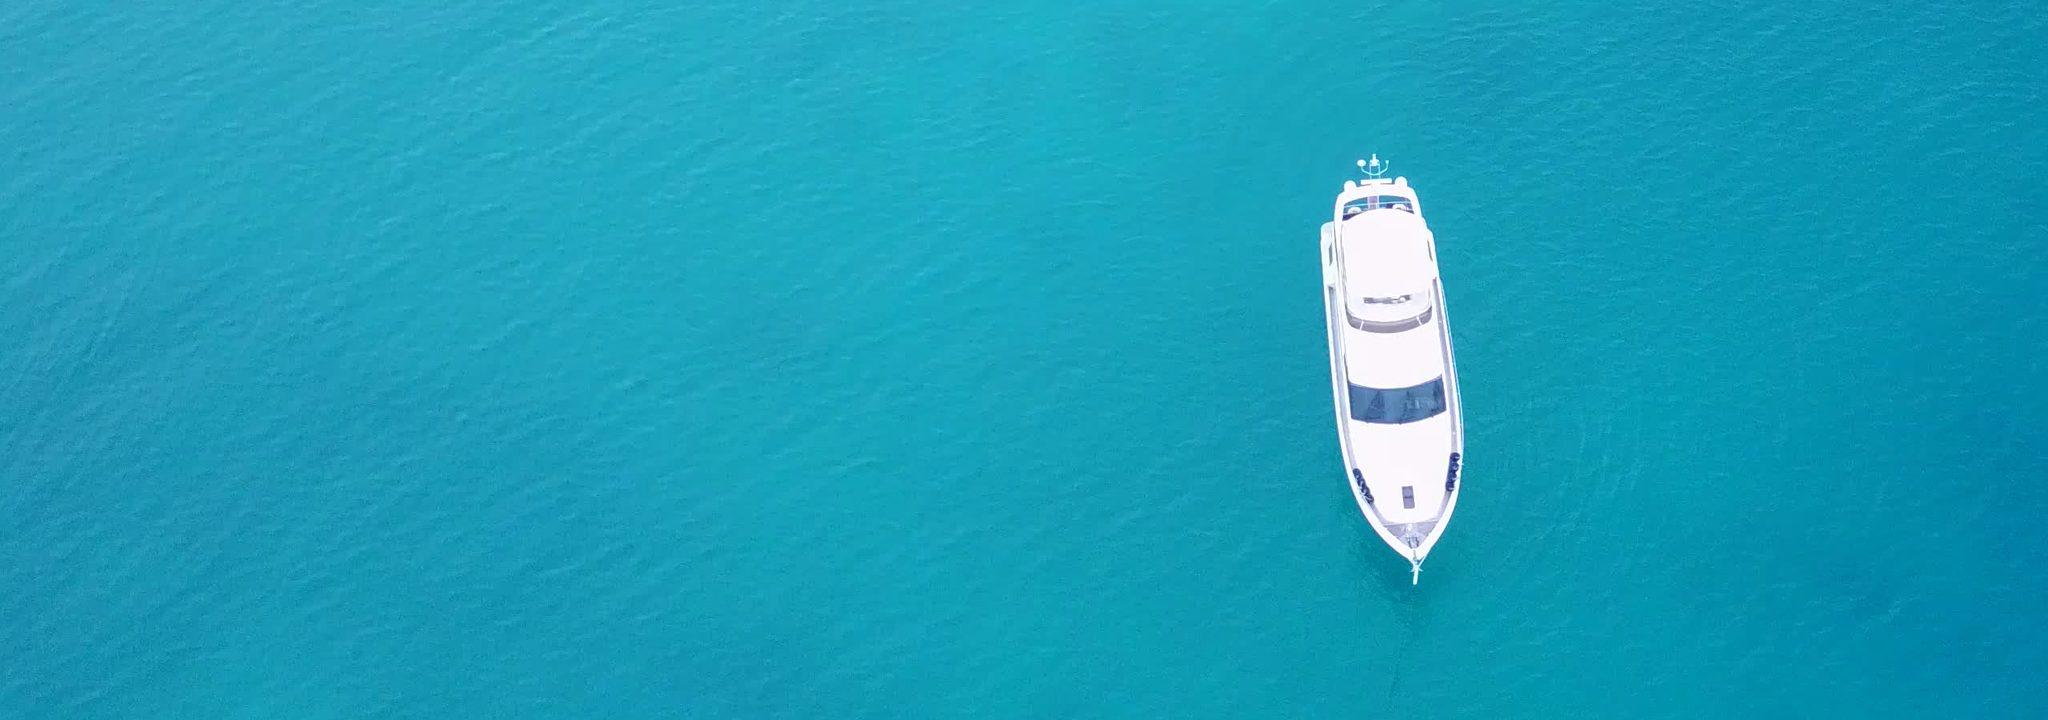 Treasure Island Marina Panama City Beach Fl Boat Storage